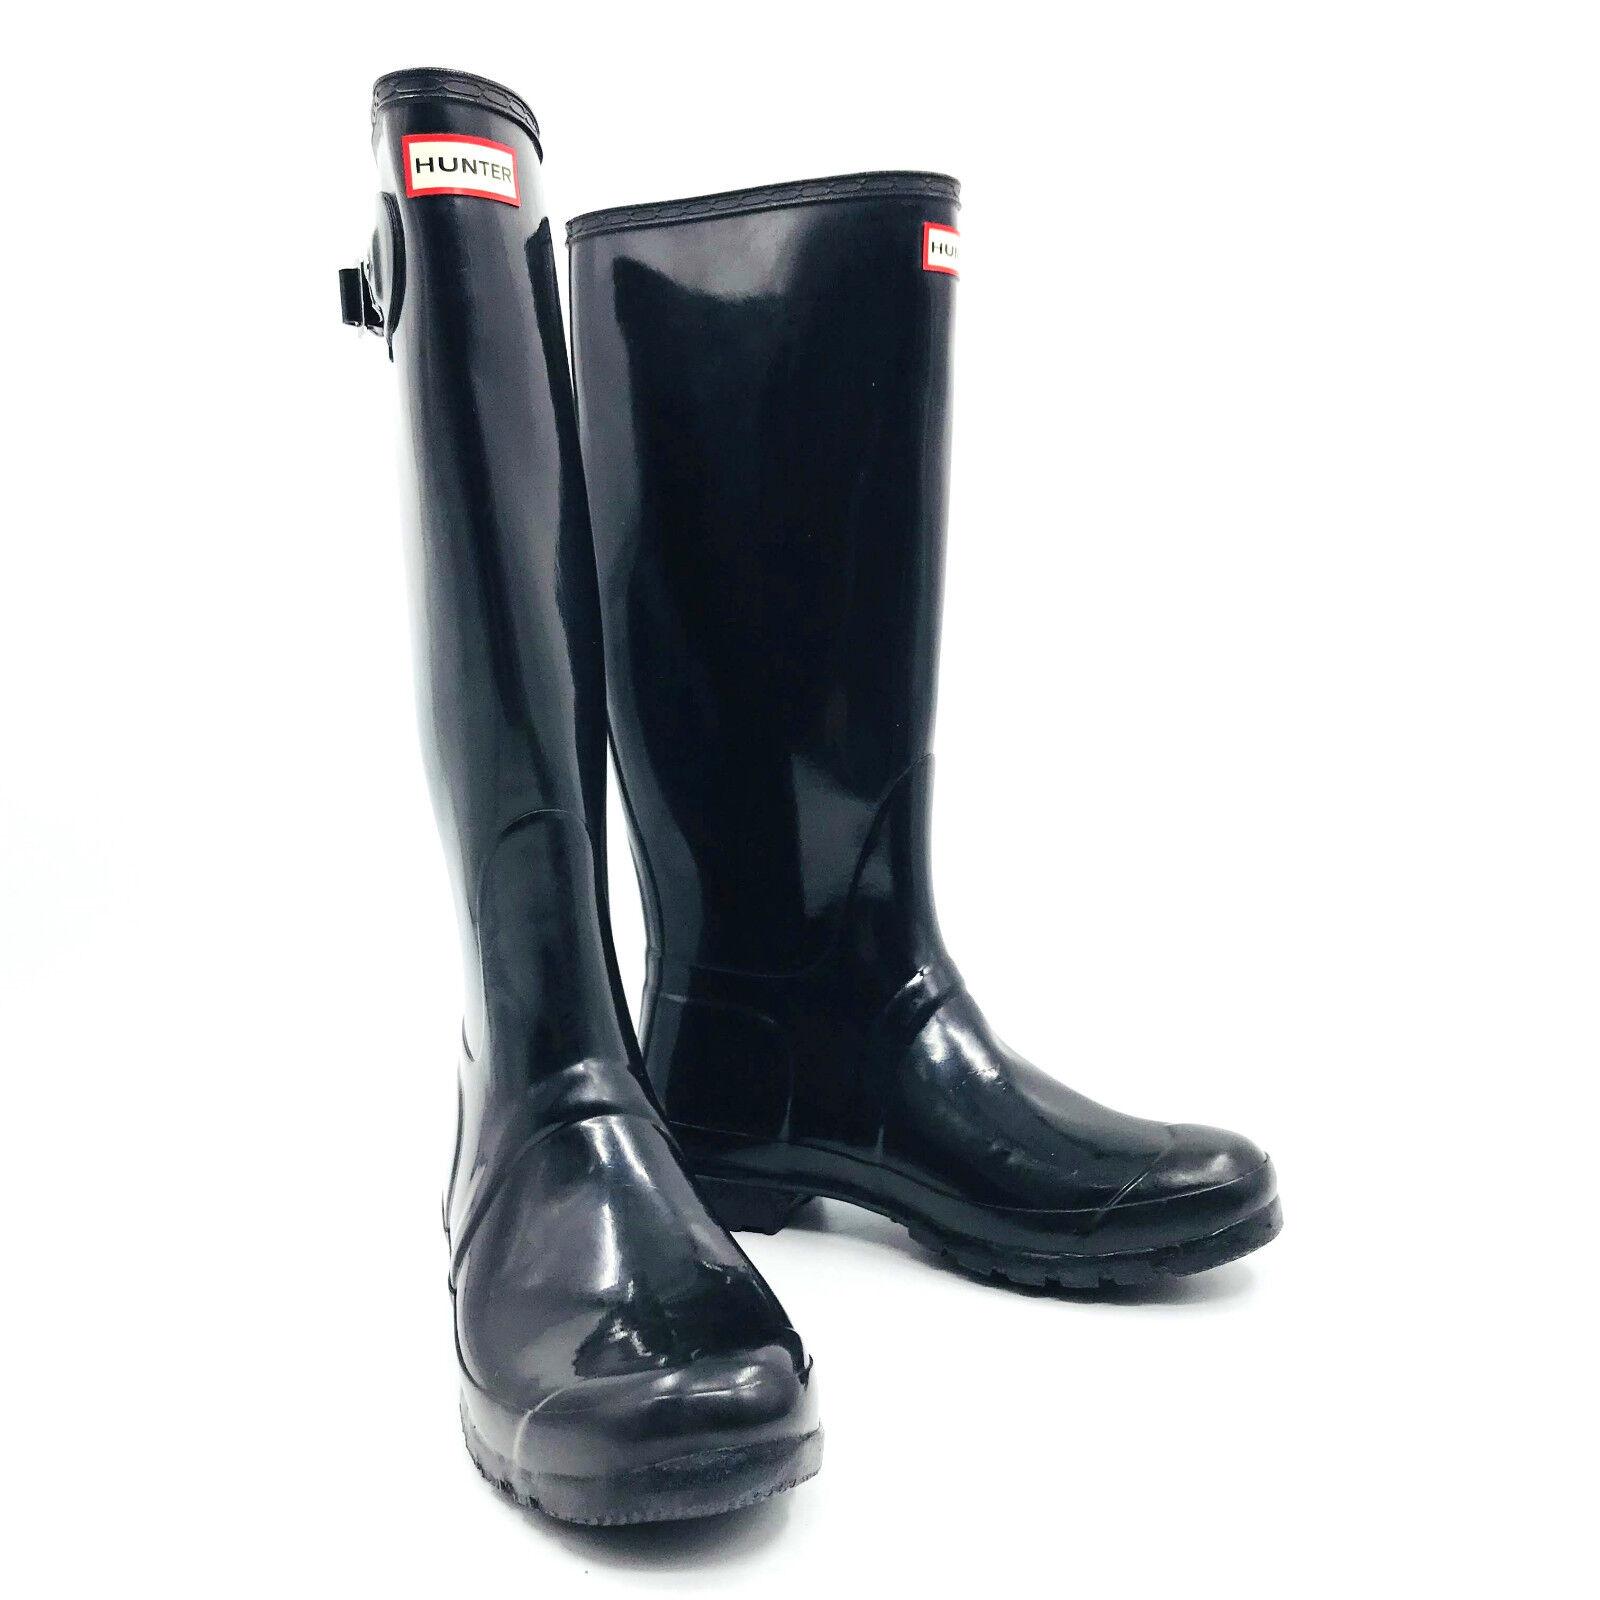 Hunter Original Tall Gloss Negro botas para mujer Talla Talla Talla 10-imperfección  deportes calientes